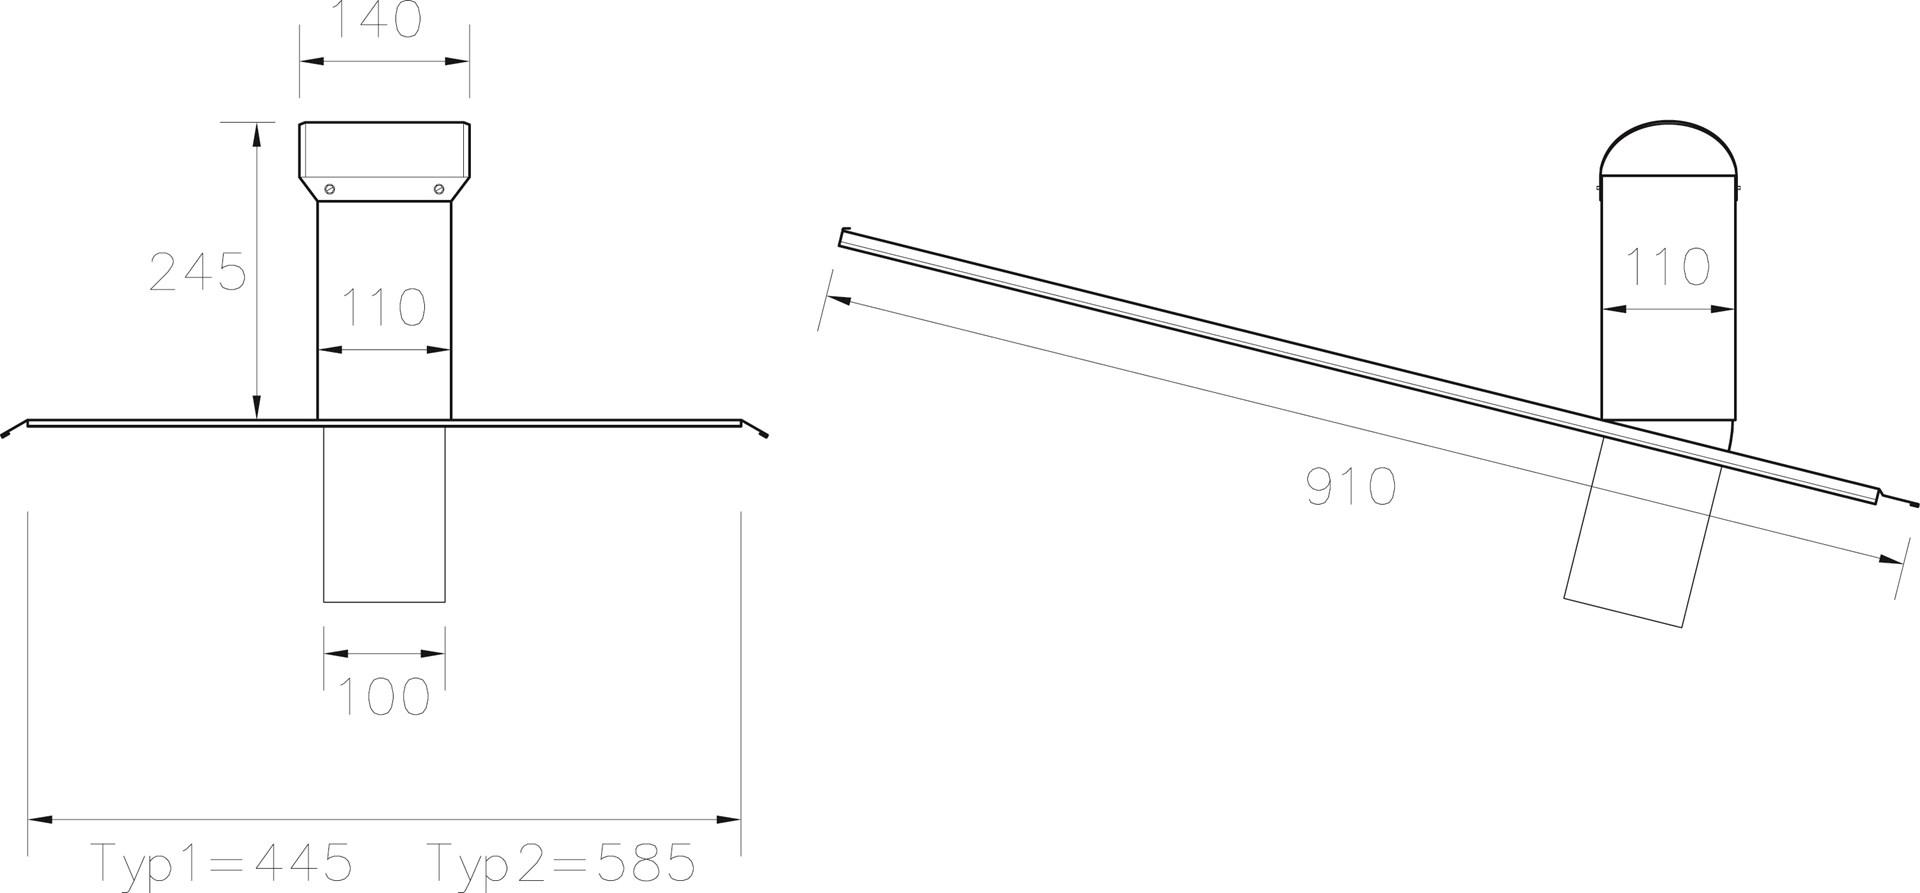 Avloppsluftare profilgeometri